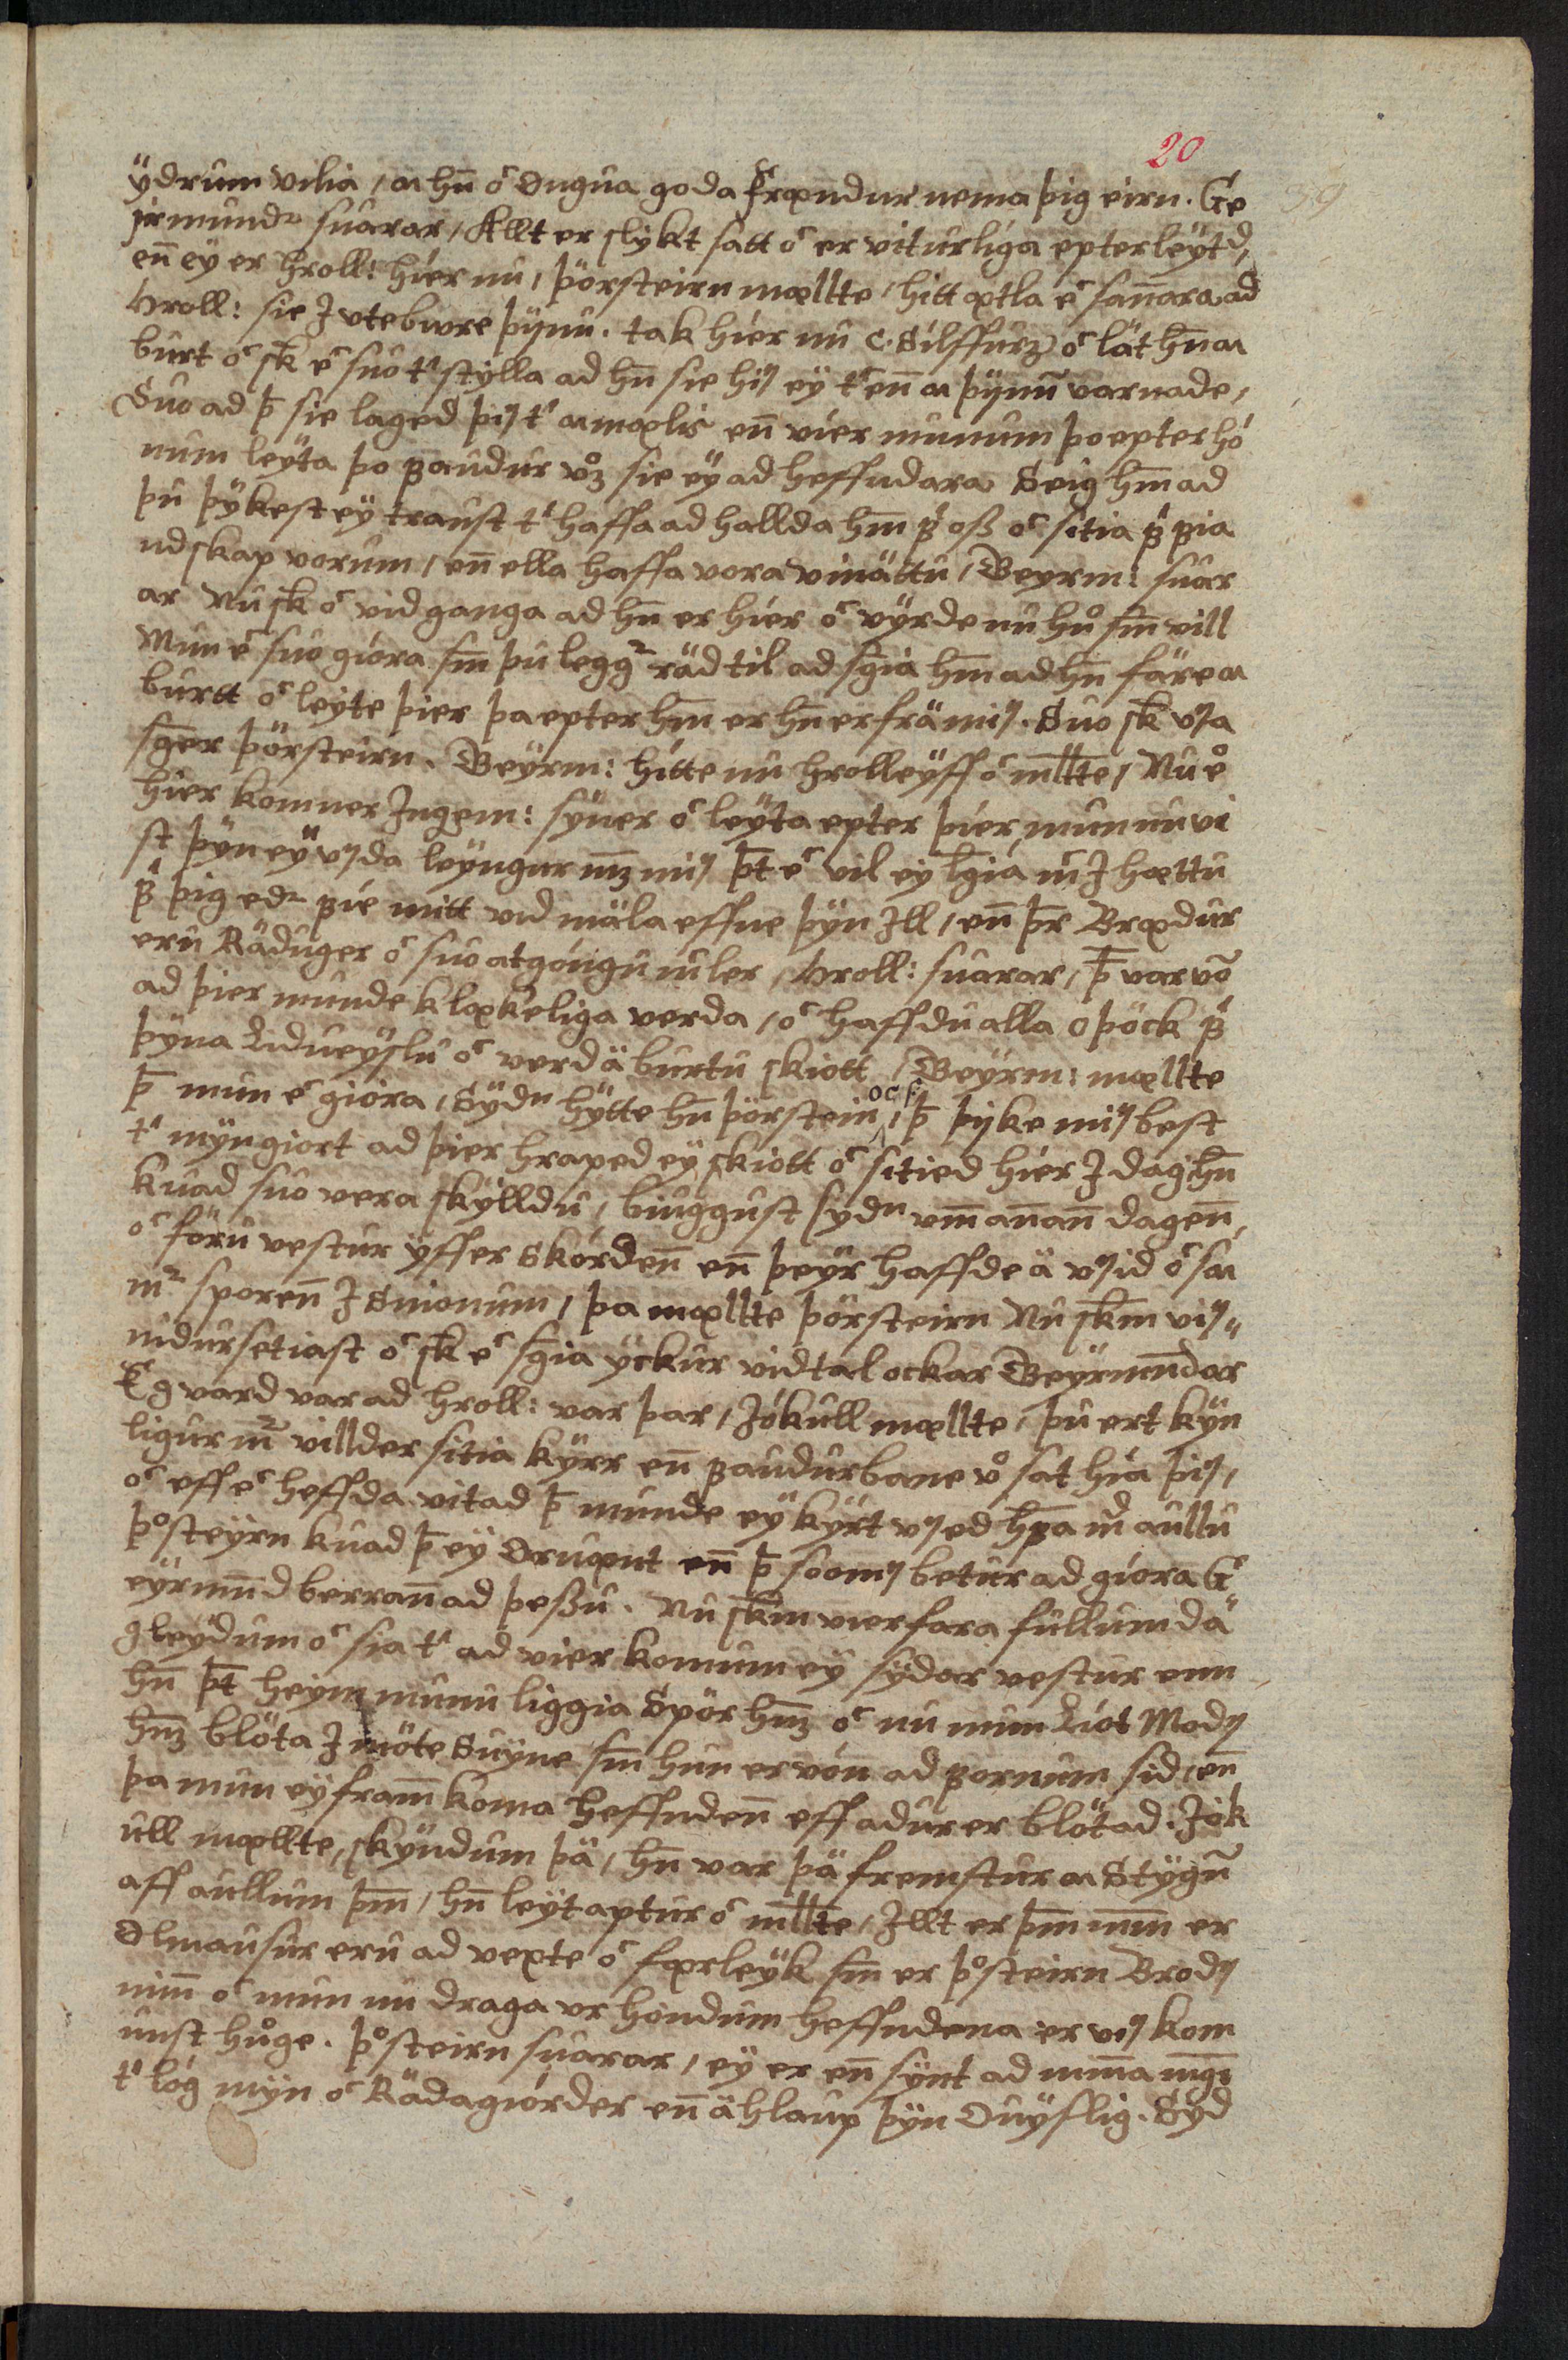 AM 138 fol - 20r